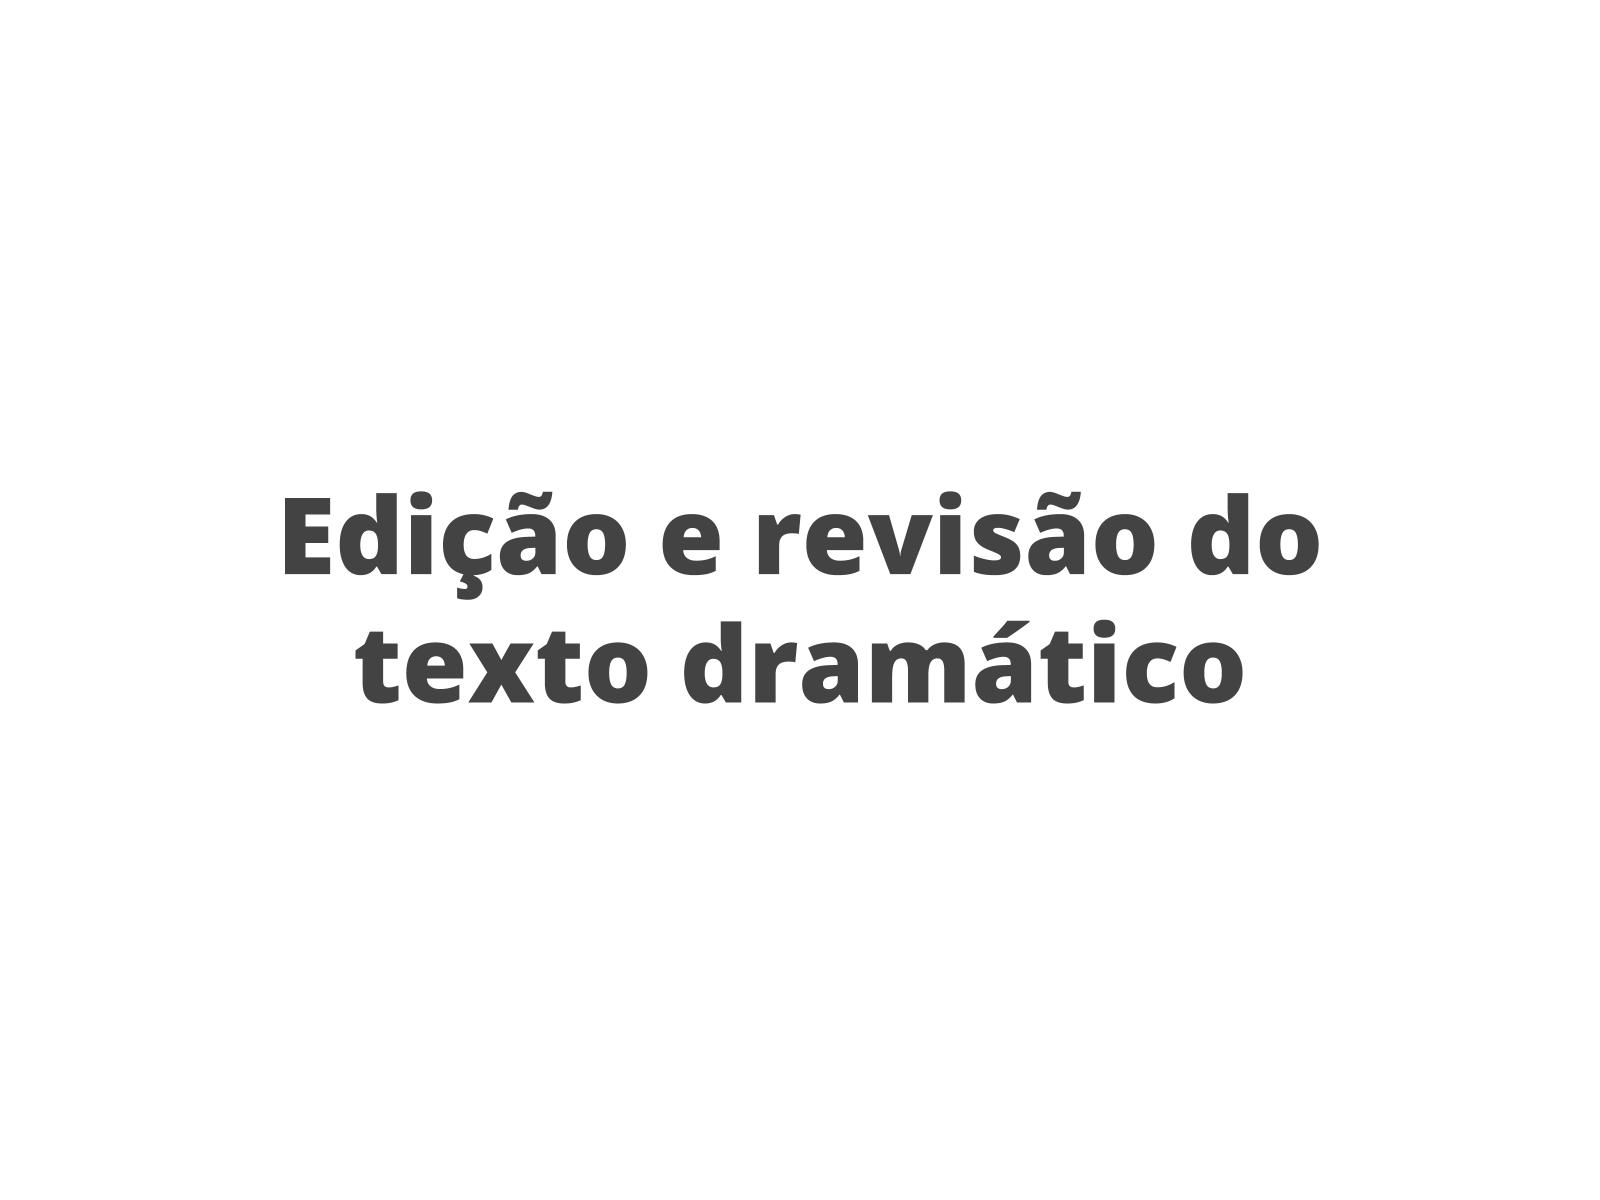 Produção de texto dramático: edição e revisão de texto.